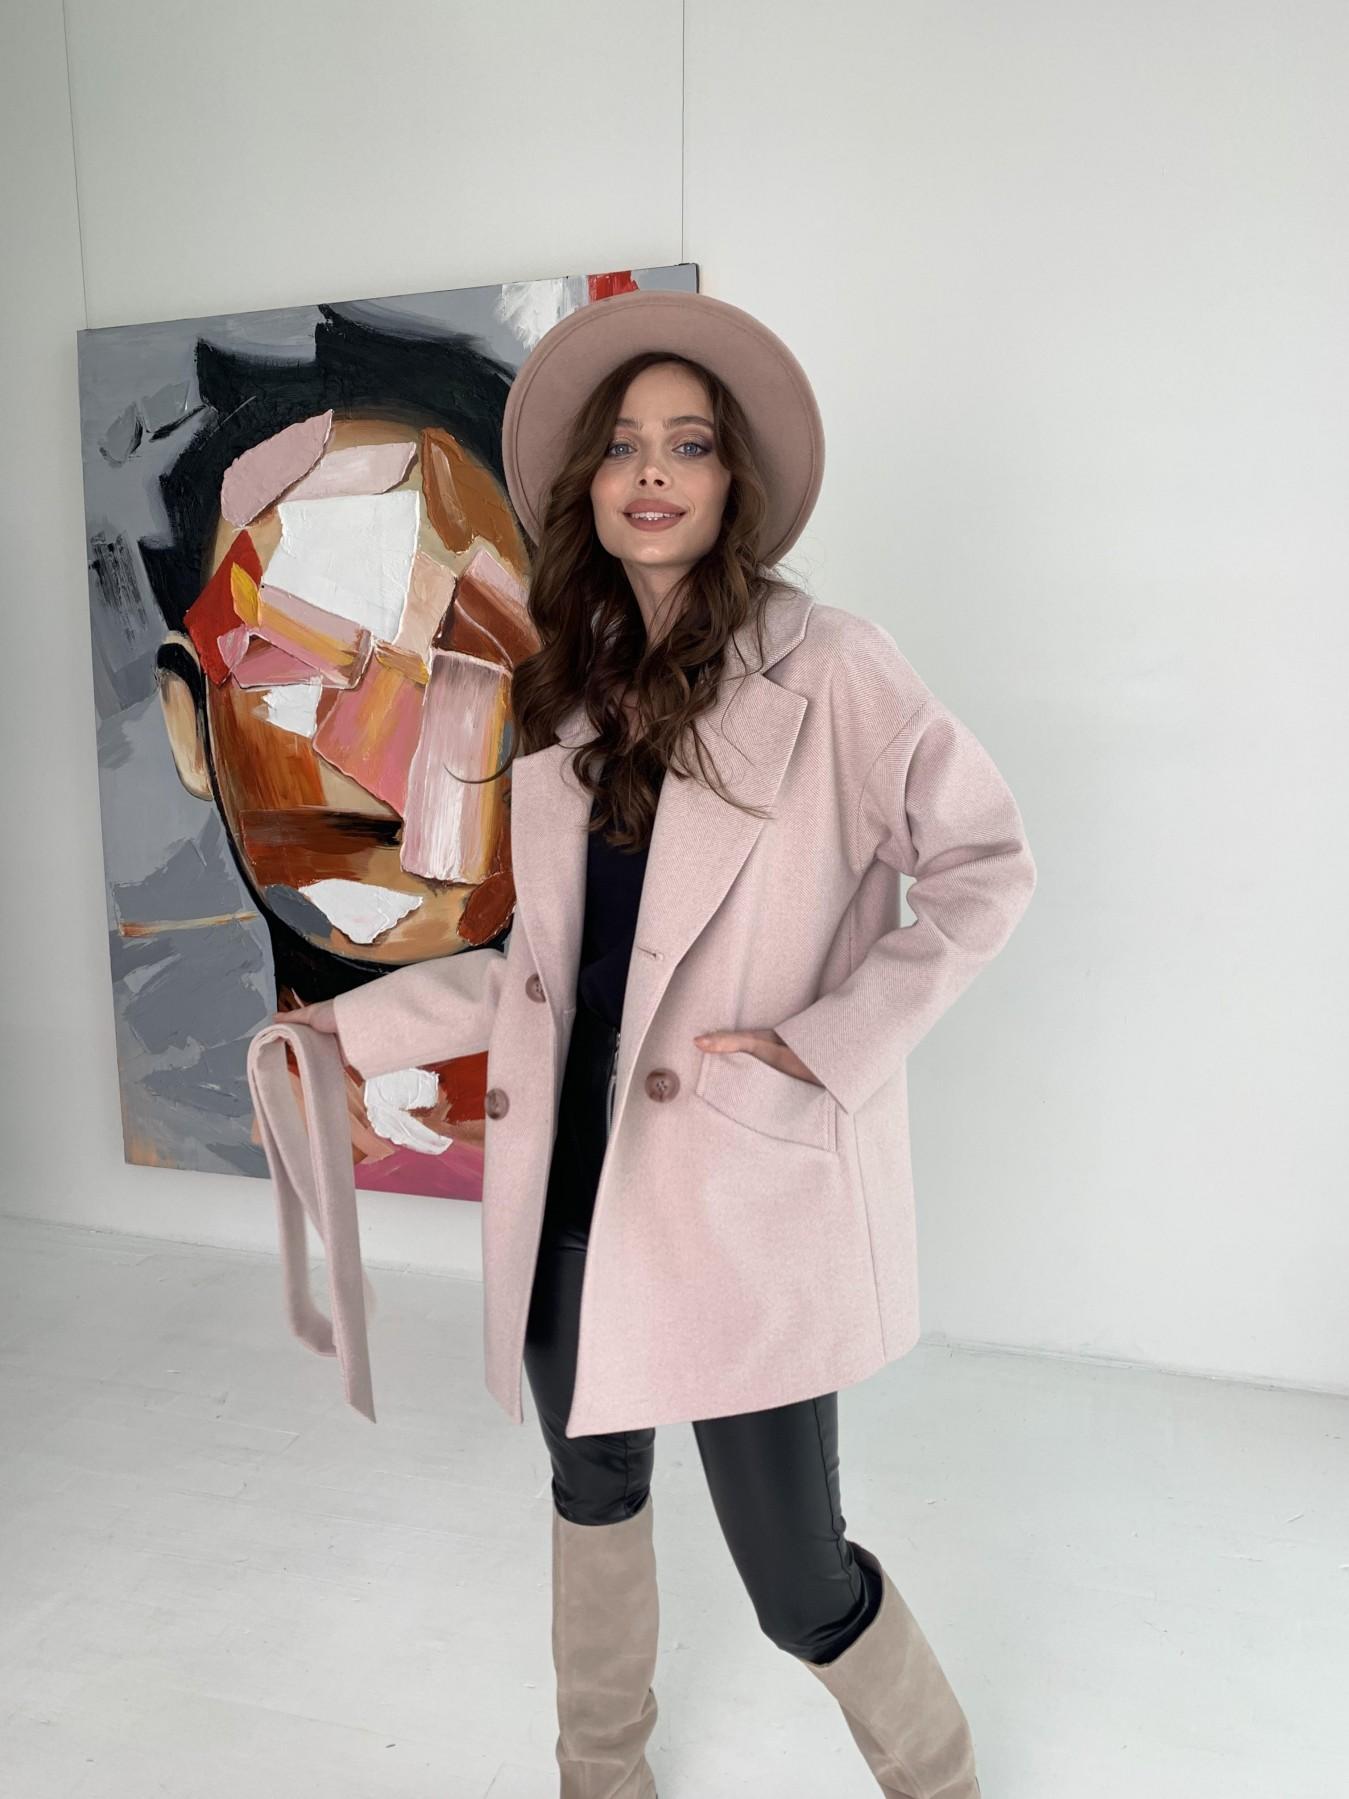 Бонд пальто из пальтовой ткани в мелкую елочку 10640 АРТ. 47007 Цвет: Пудра - фото 1, интернет магазин tm-modus.ru